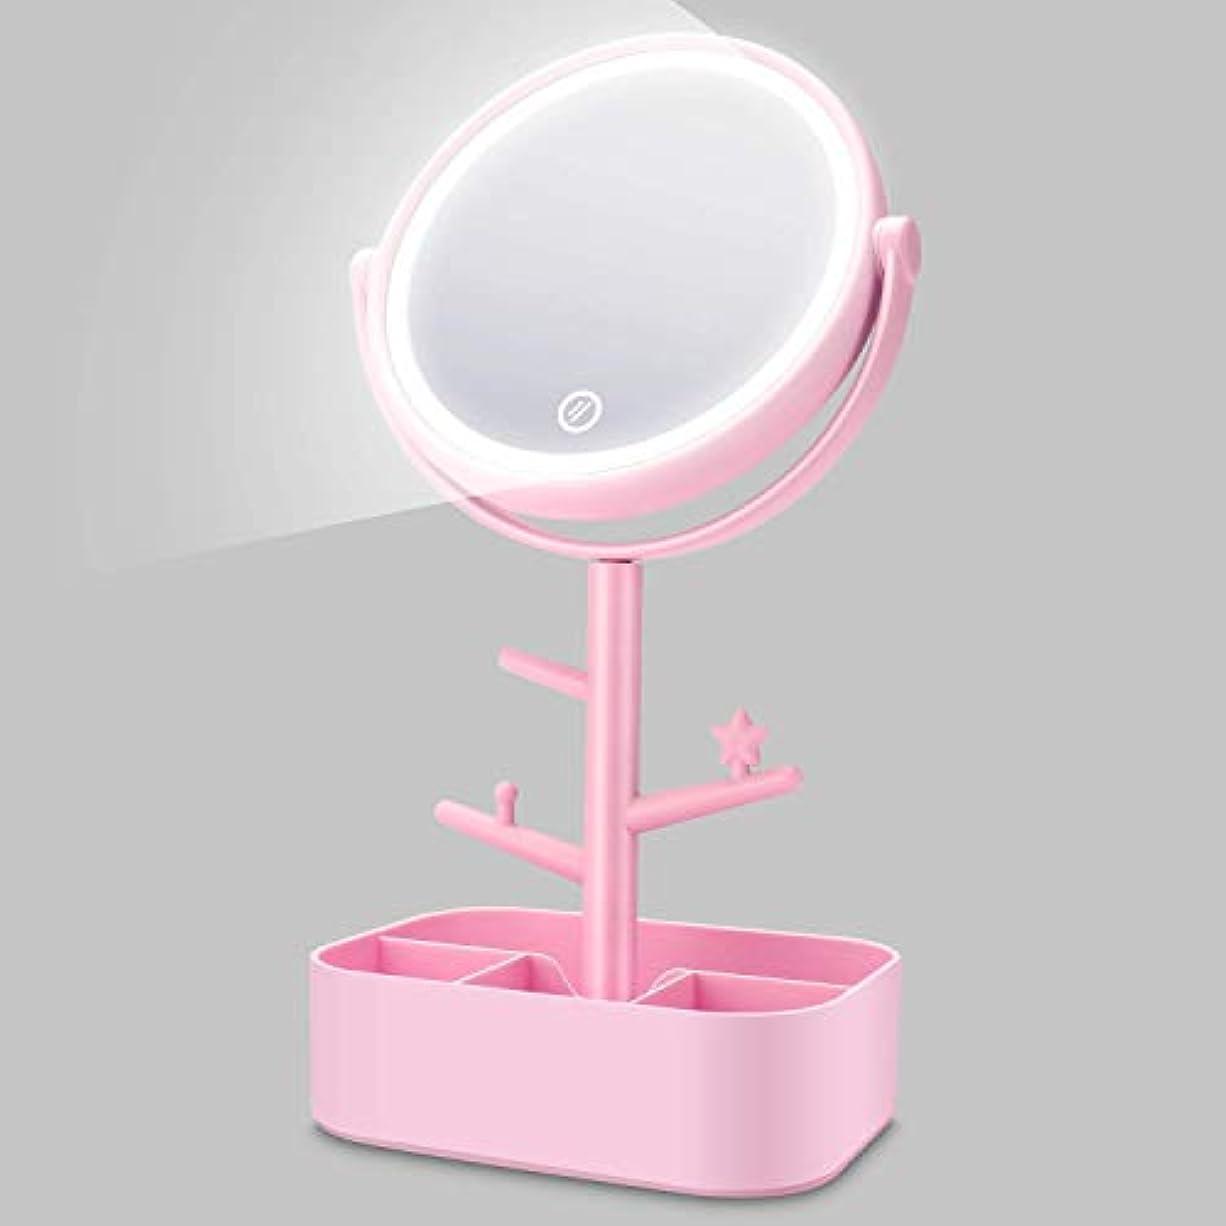 タンク与える皮肉化粧鏡 Aidbucks LED 卓上鏡 メイク 女優 スタンドミラー LEDライト付き 明るさ調節可 充電式 360度回転 収納 自然光 柔らかい光 折りたたみ式 USB/乾電池給電 ピンク